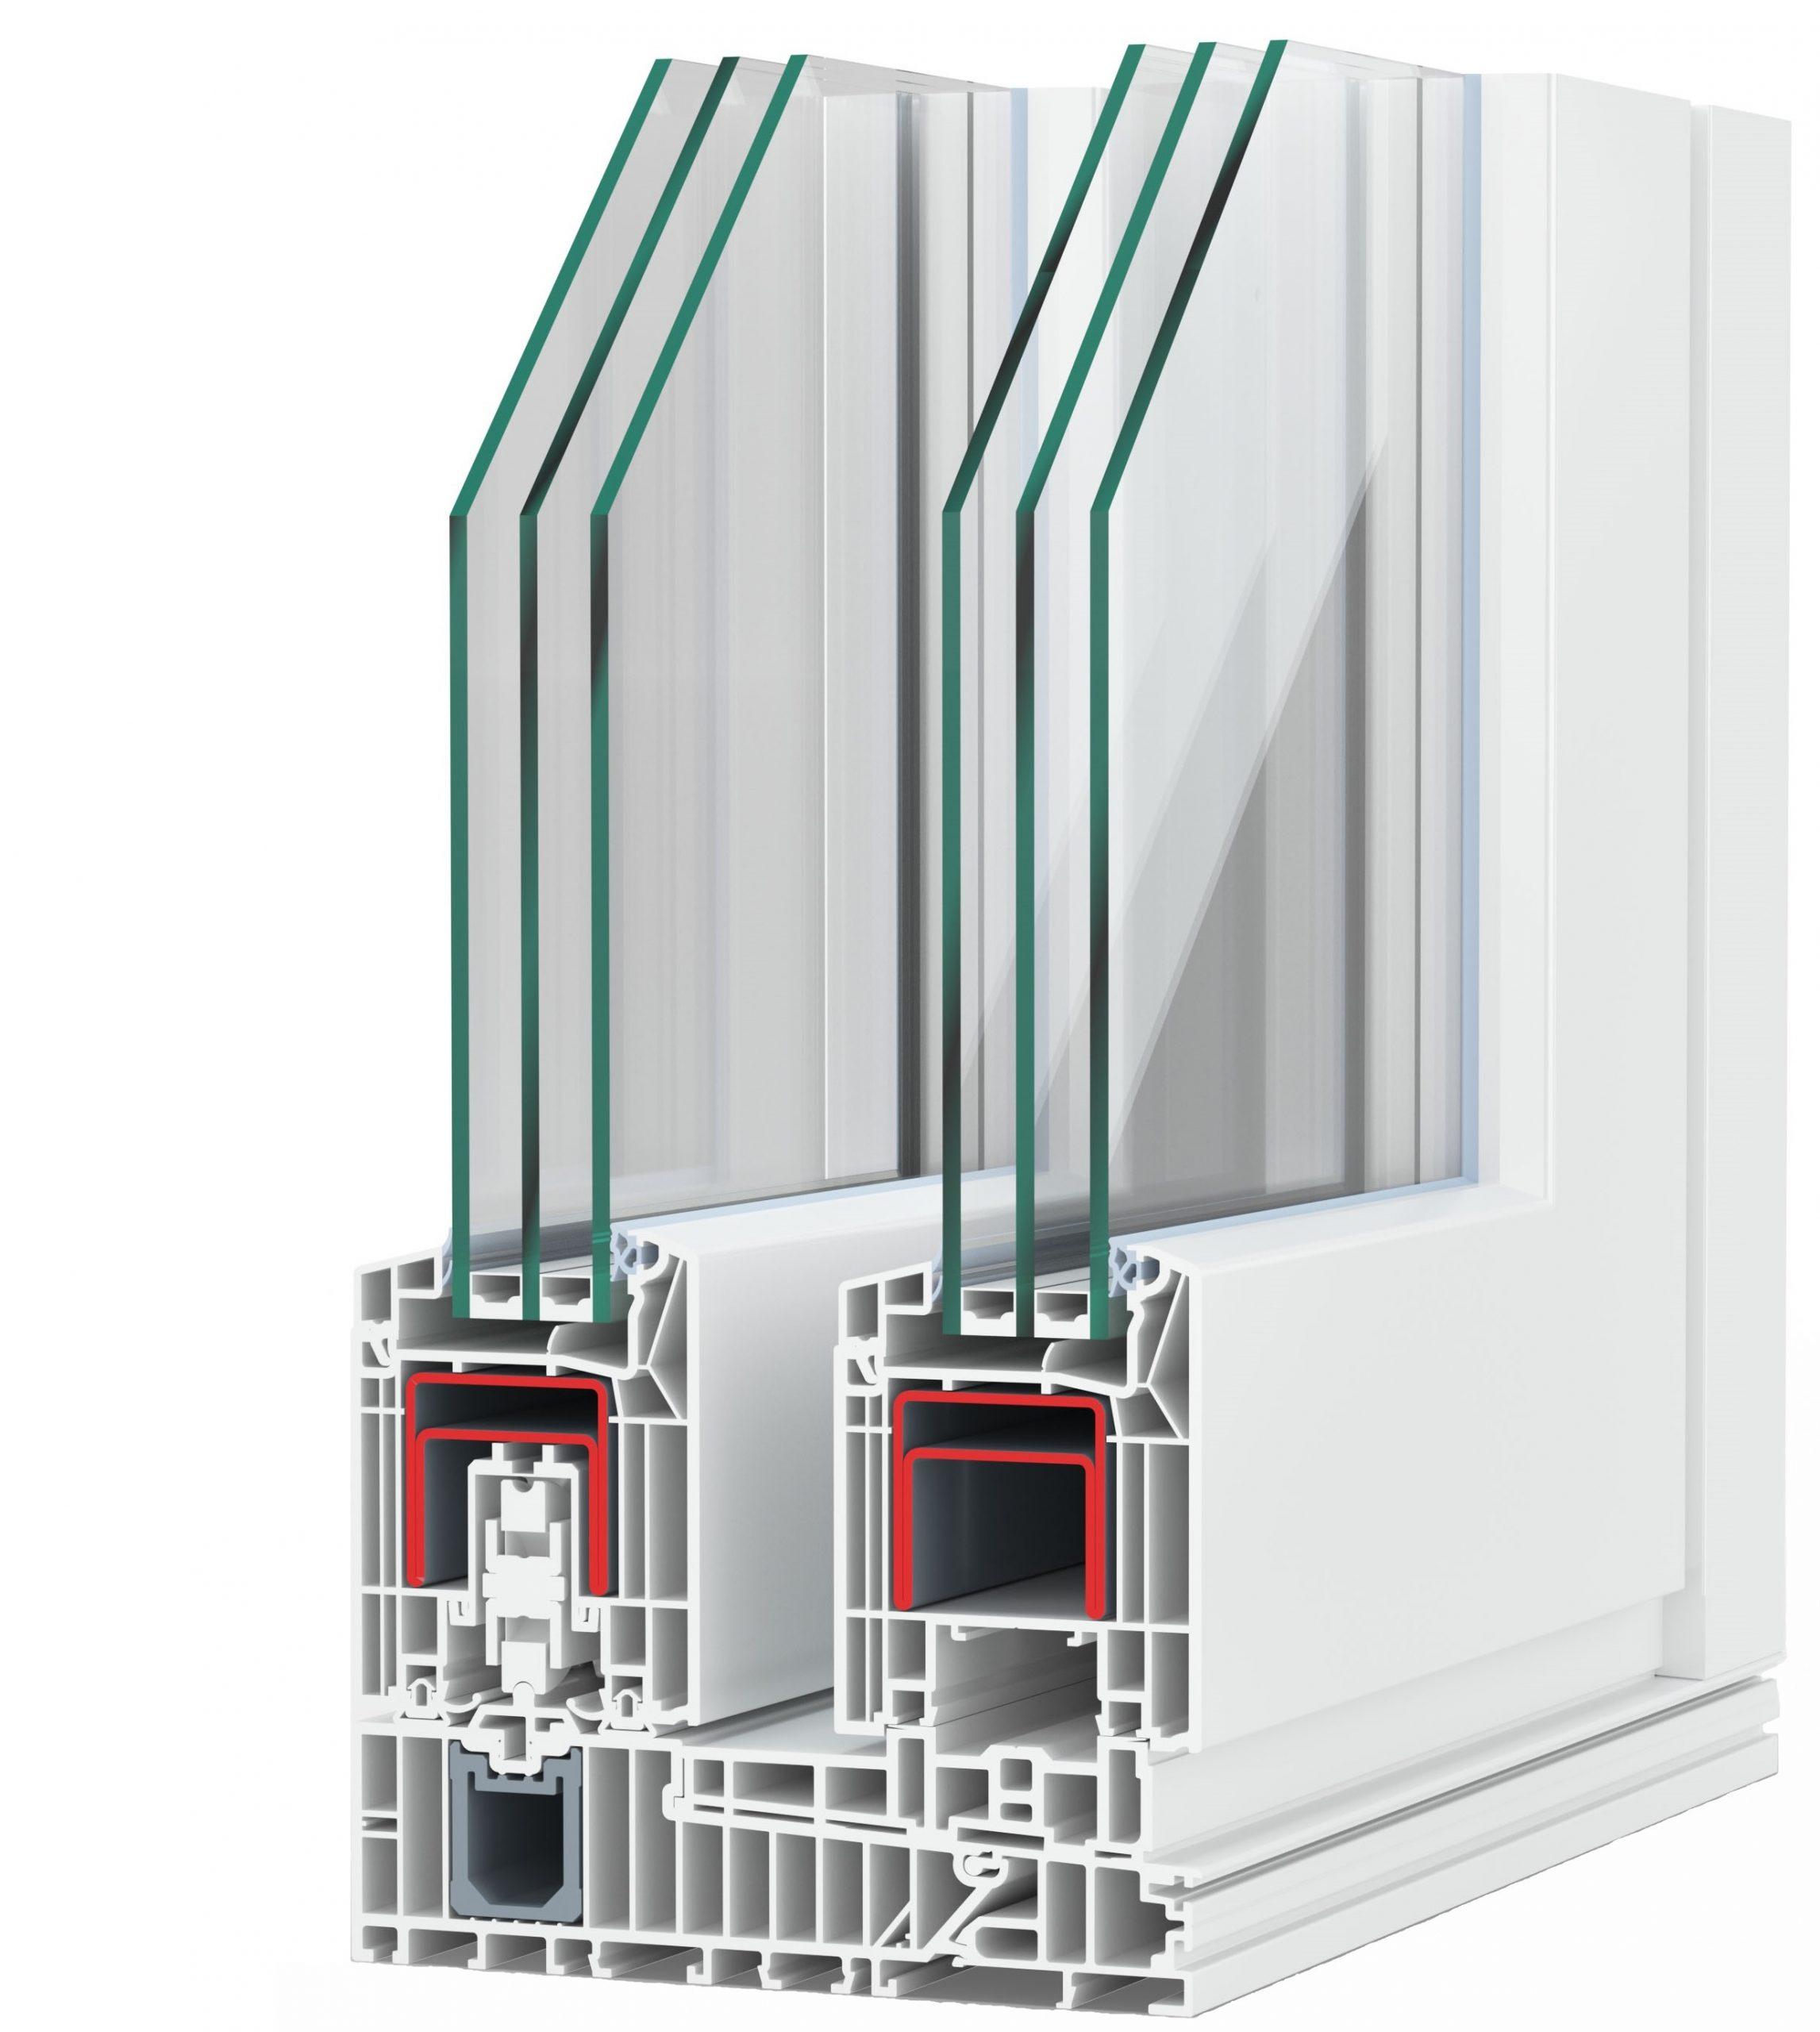 Full Size of Fenster Detail Holzbau Dwg Definition Schnitt Deutschland Kaufen Detailzeichnung Fenster Fenster.de